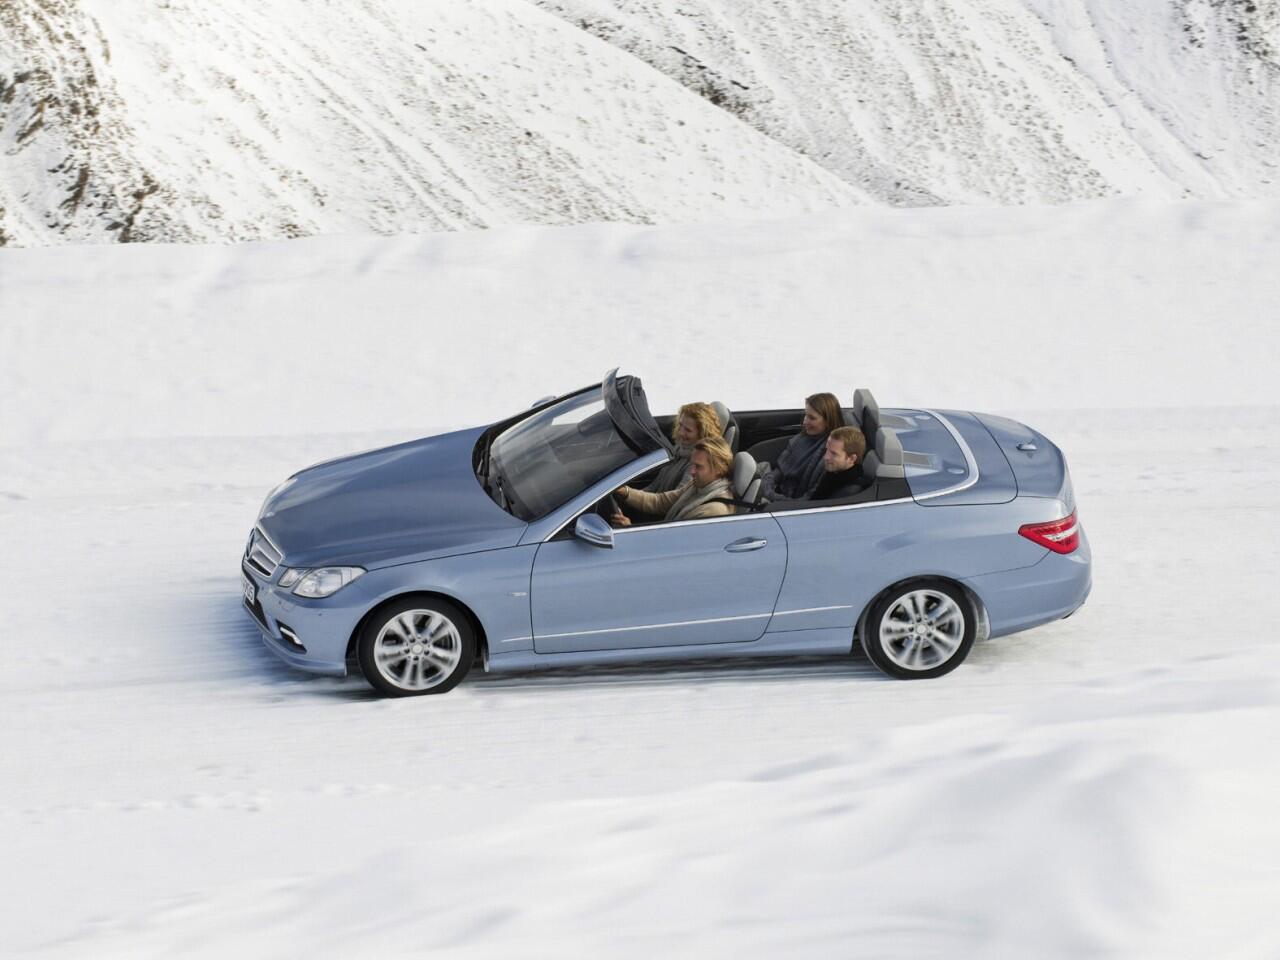 Bild zu Cabrio im Winter fahren: Mit modernem Verdeck kein Problem